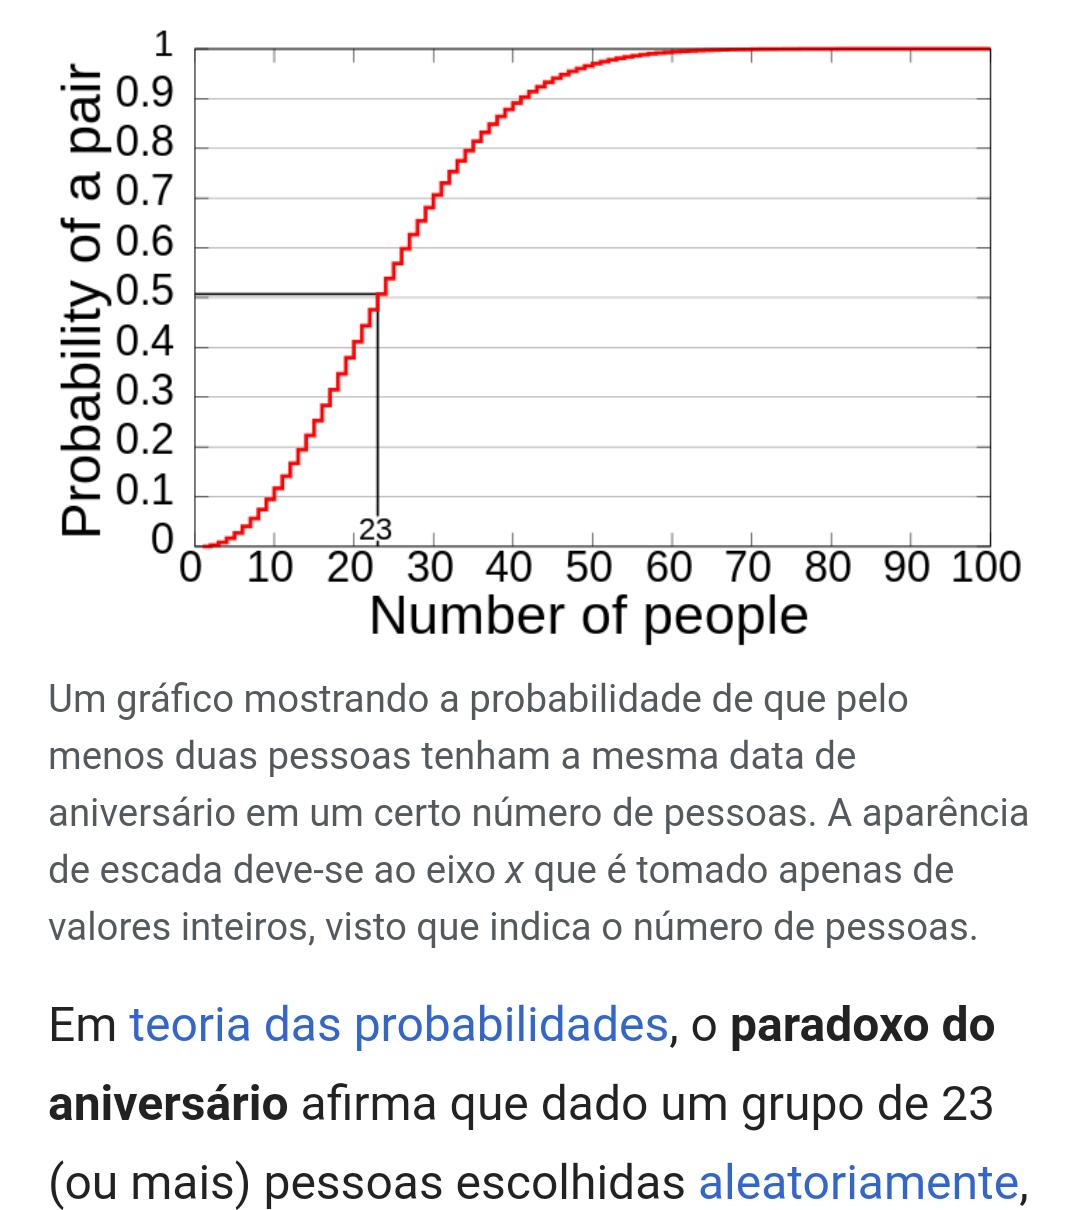 Trata-se de uma teoria fundamentada pela matemática, usando as probabilidades. Segundo o cálculo, em um grupo de 23 pessoas escolhidas aleatoriamente, a chance de que duas delas façam aniversário no mesmo dia é de mais de 50%. E quanto mais pessoas, maiores as chances. Imagina só? Veja a teoria completa e entenda os cálculos (se você não for de humanas, né?) aqui.